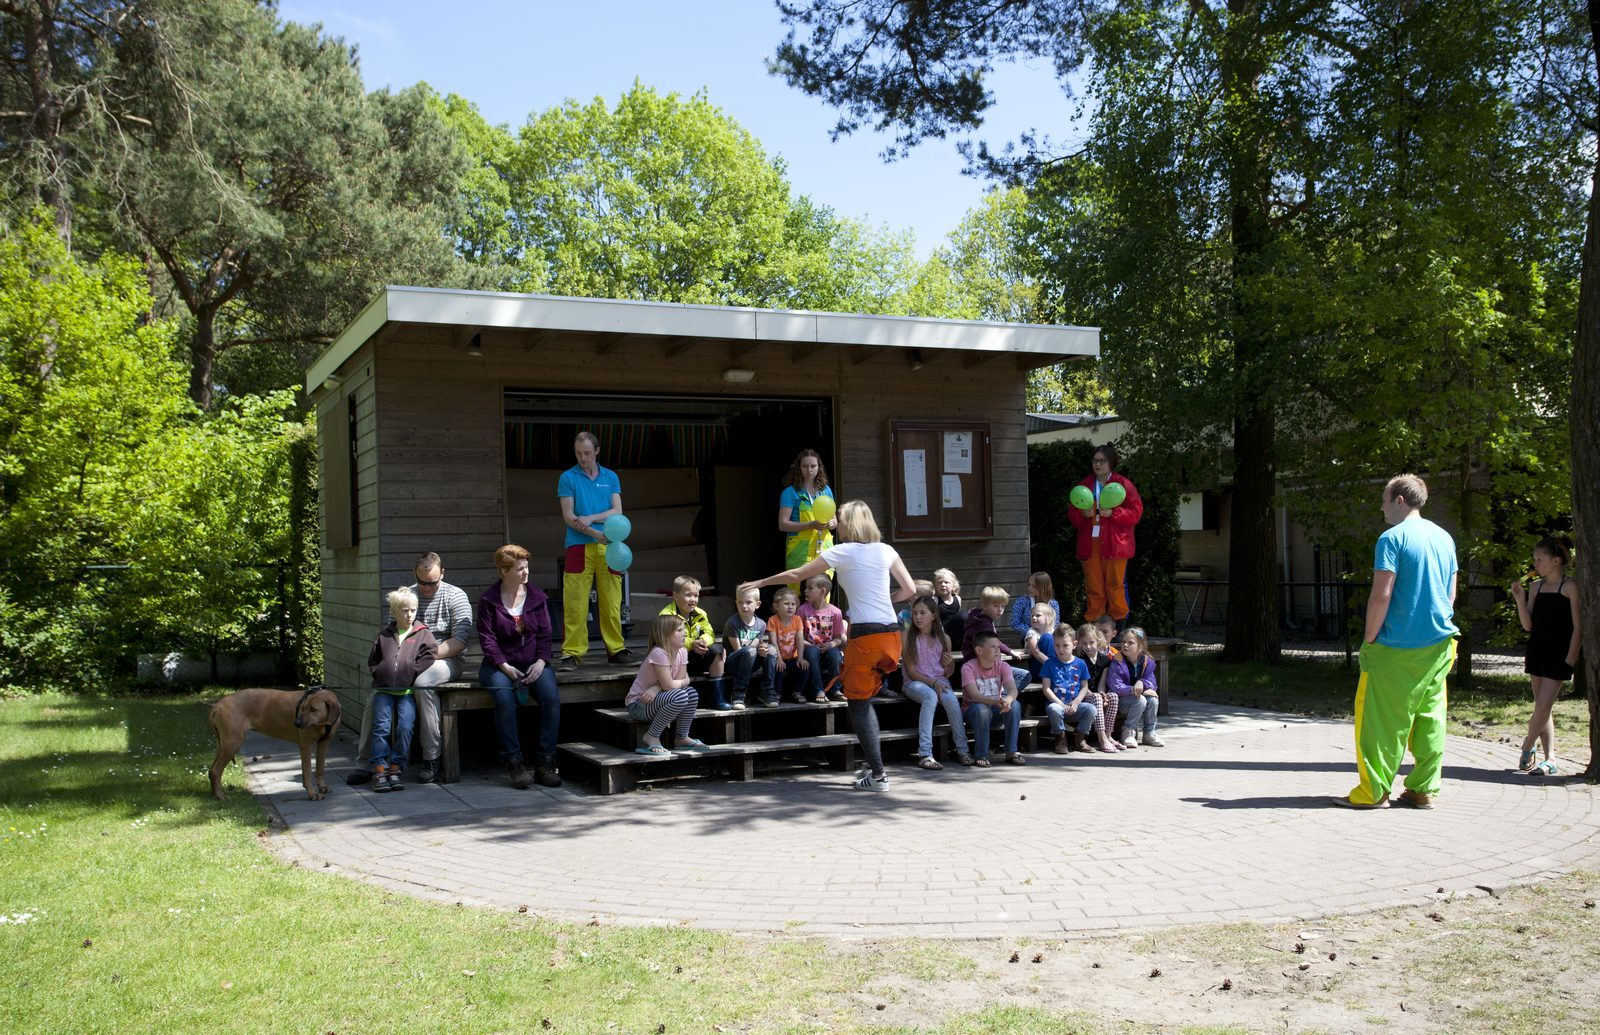 Parc de vacances avec animations aux Pays-Bas